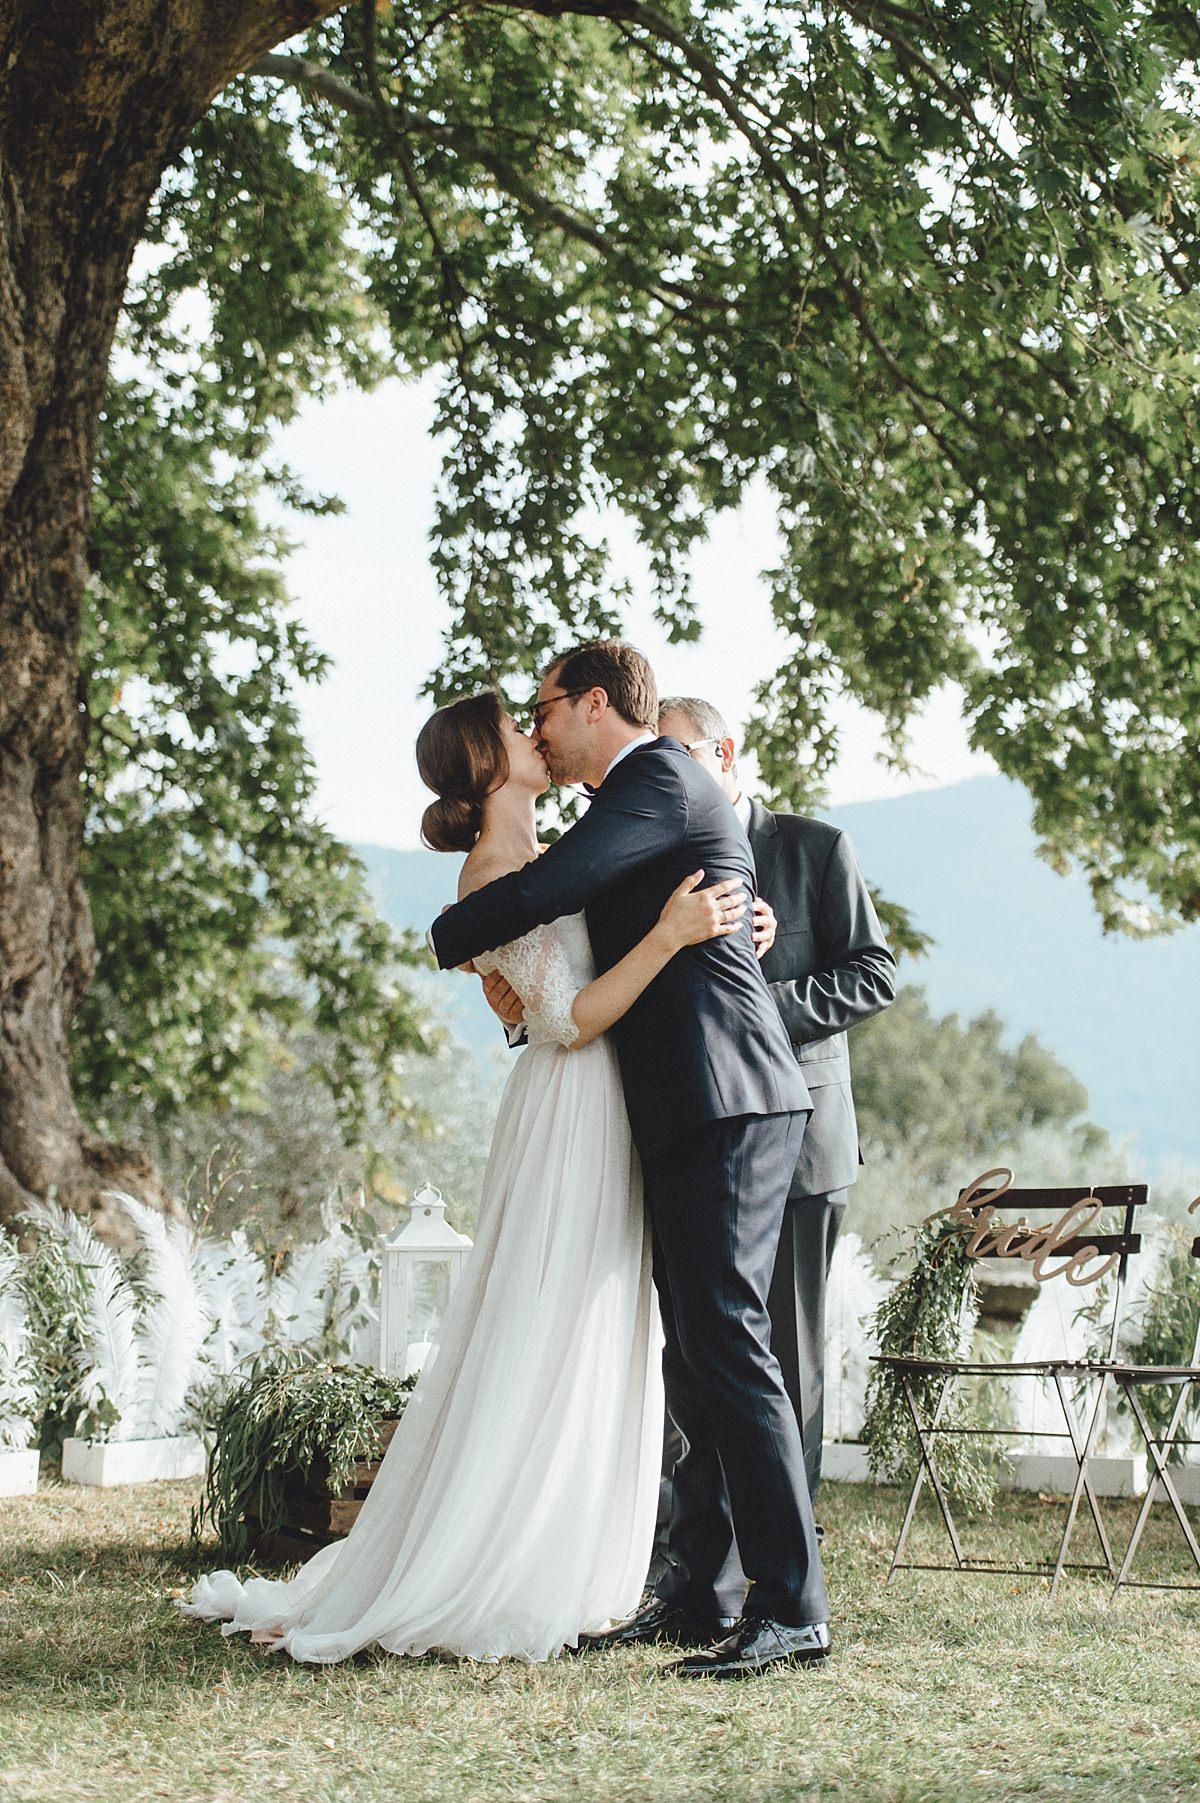 hochzeitsfotograf toskana Kristina & Daniel Mediterrane Toskana Hochzeithochzeitsfotograf toskana italien 2150